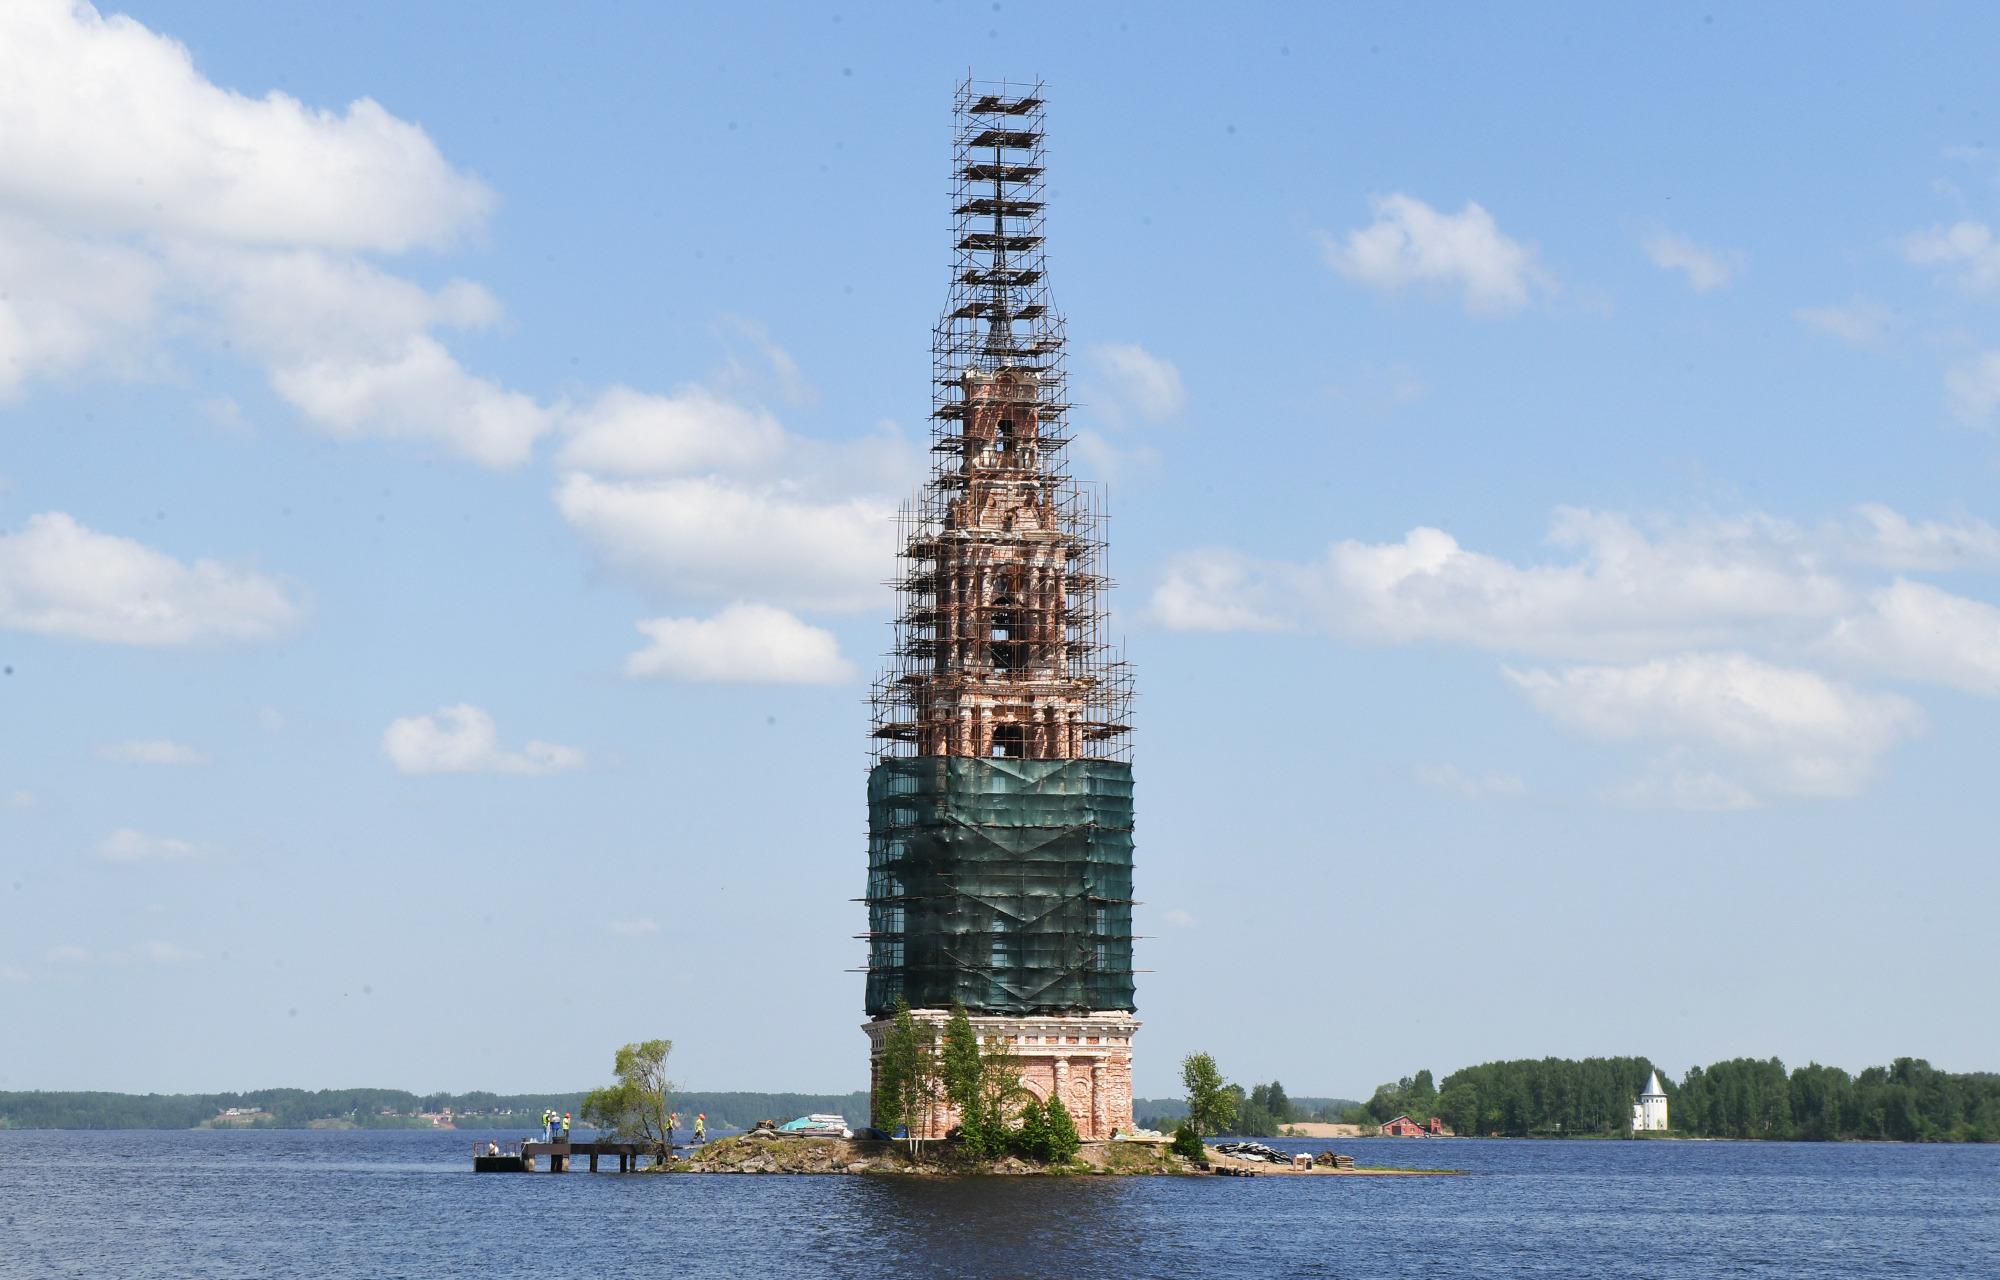 На колокольню в Калязине проложат оптоволокно для обеспечения высокоскоростного интернета и создания зоны wi-fi